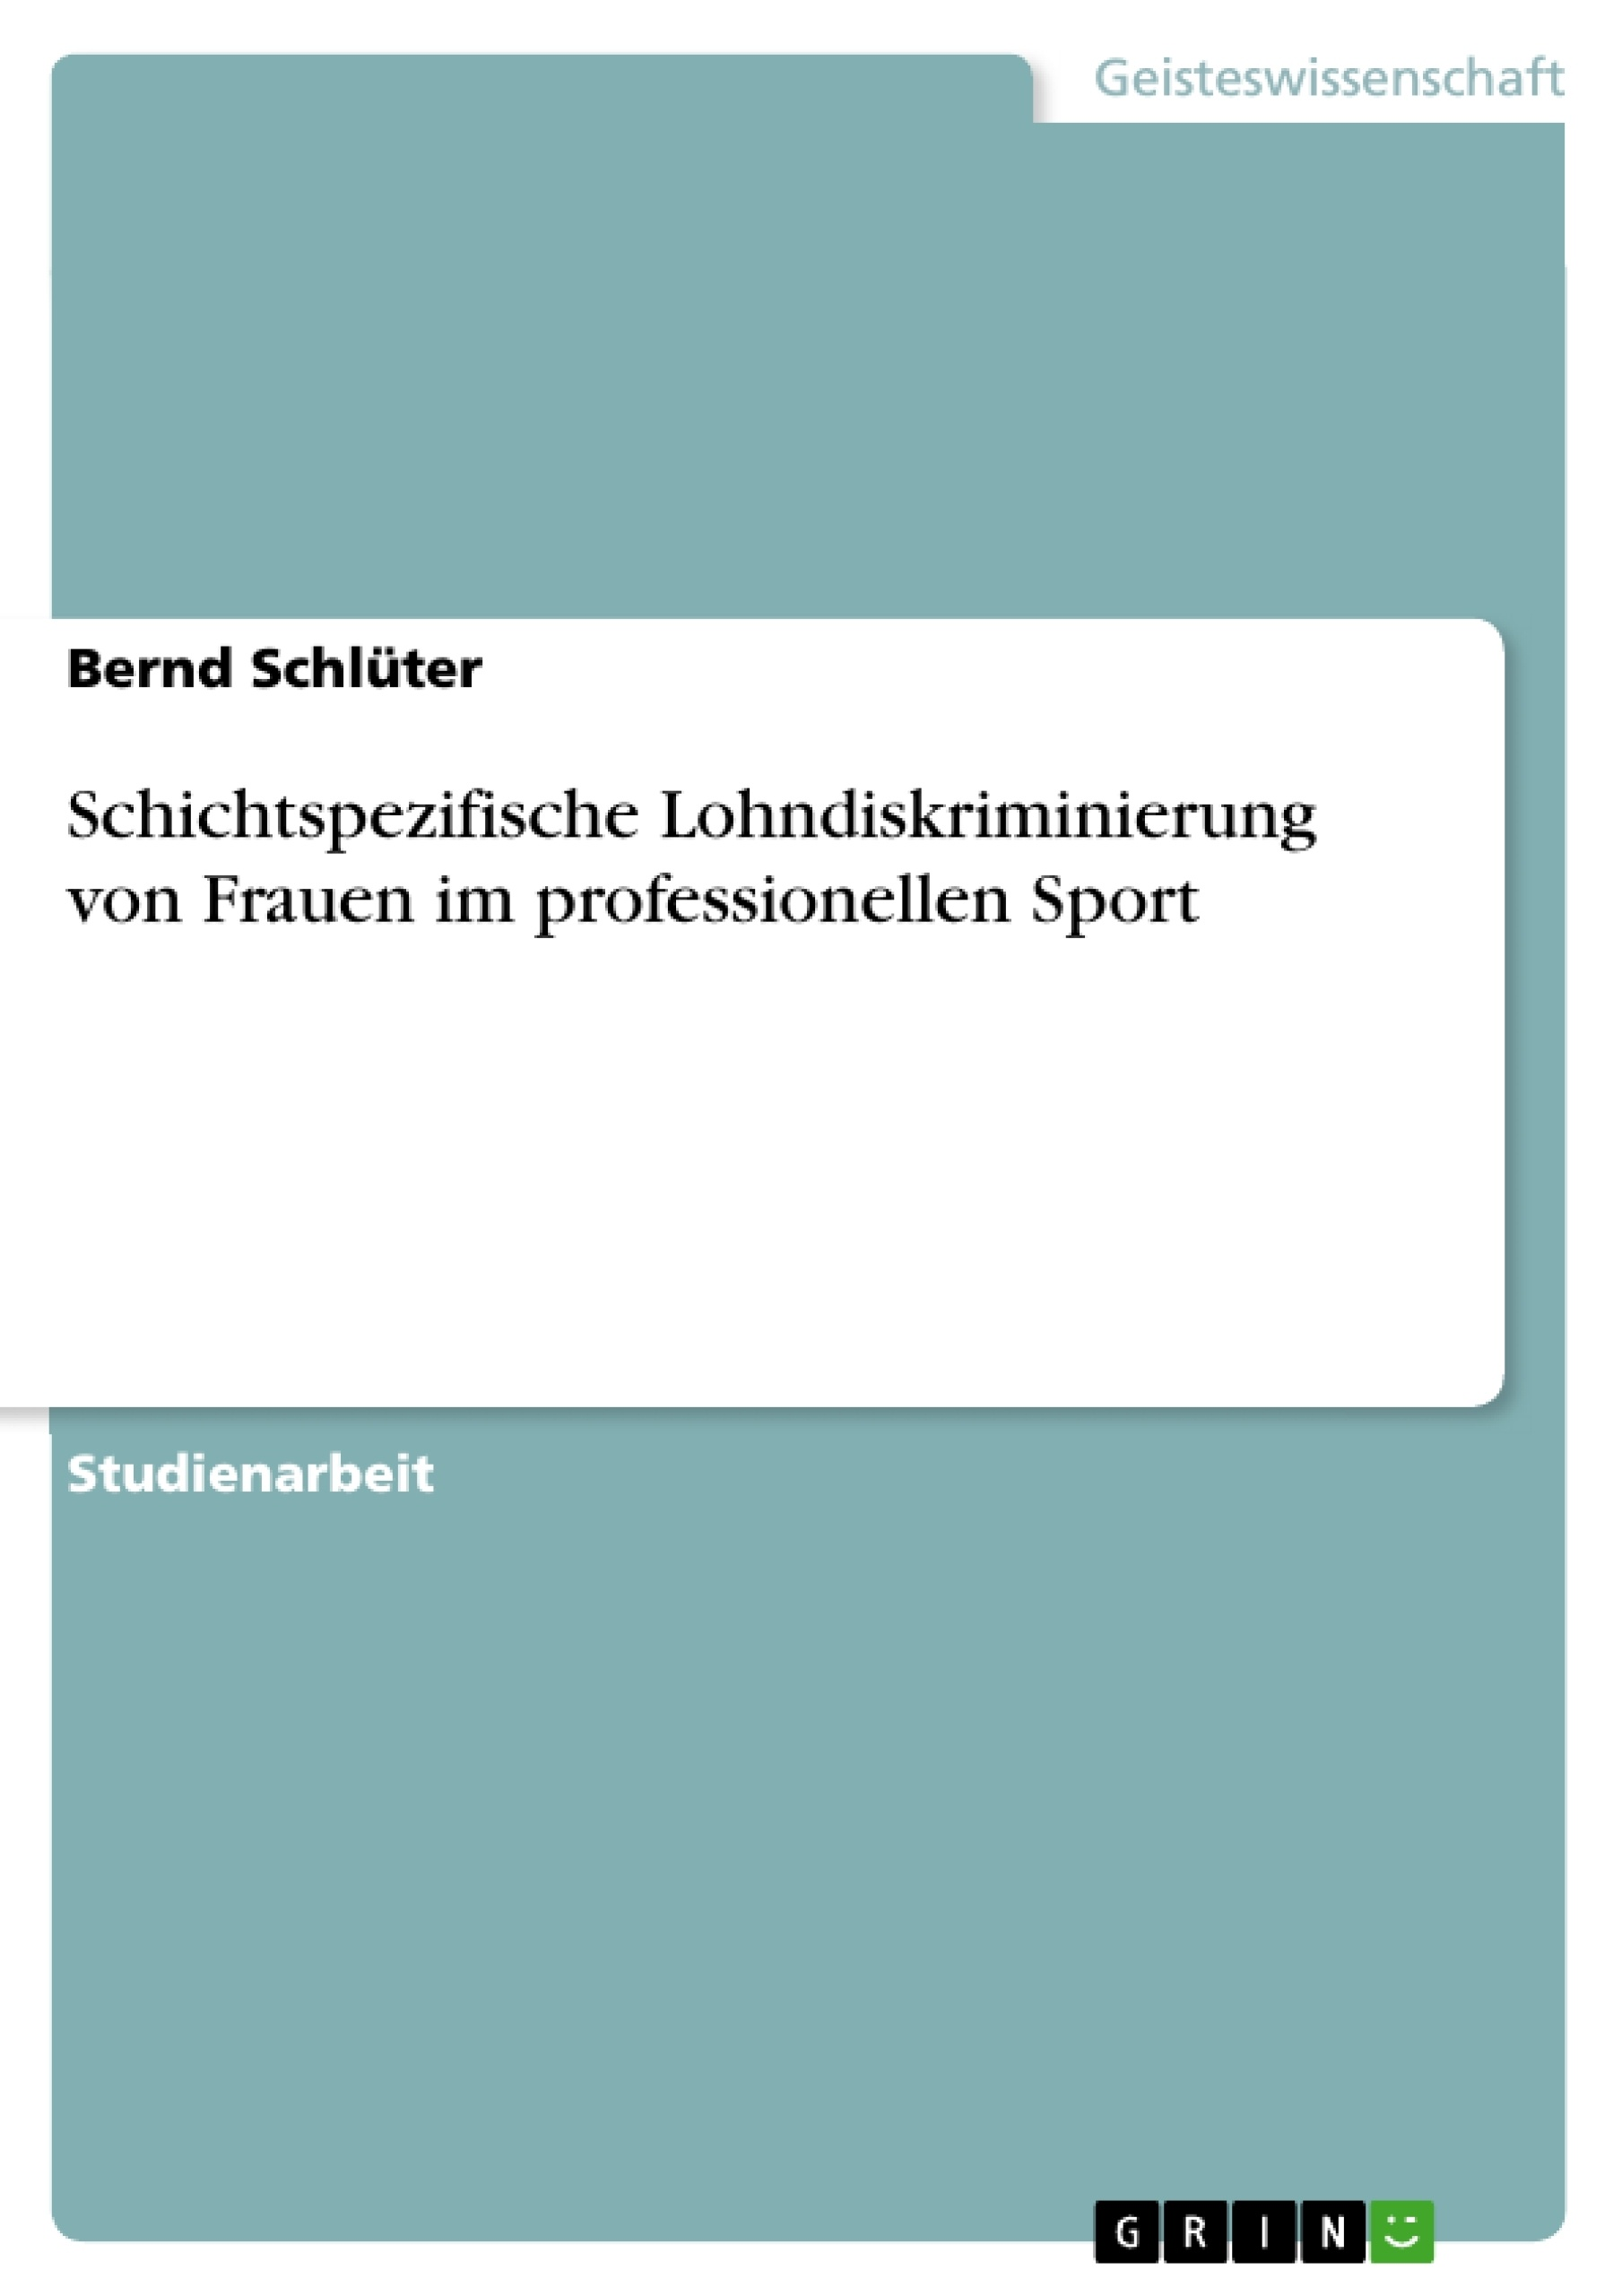 Titel: Schichtspezifische Lohndiskriminierung von Frauen im professionellen Sport